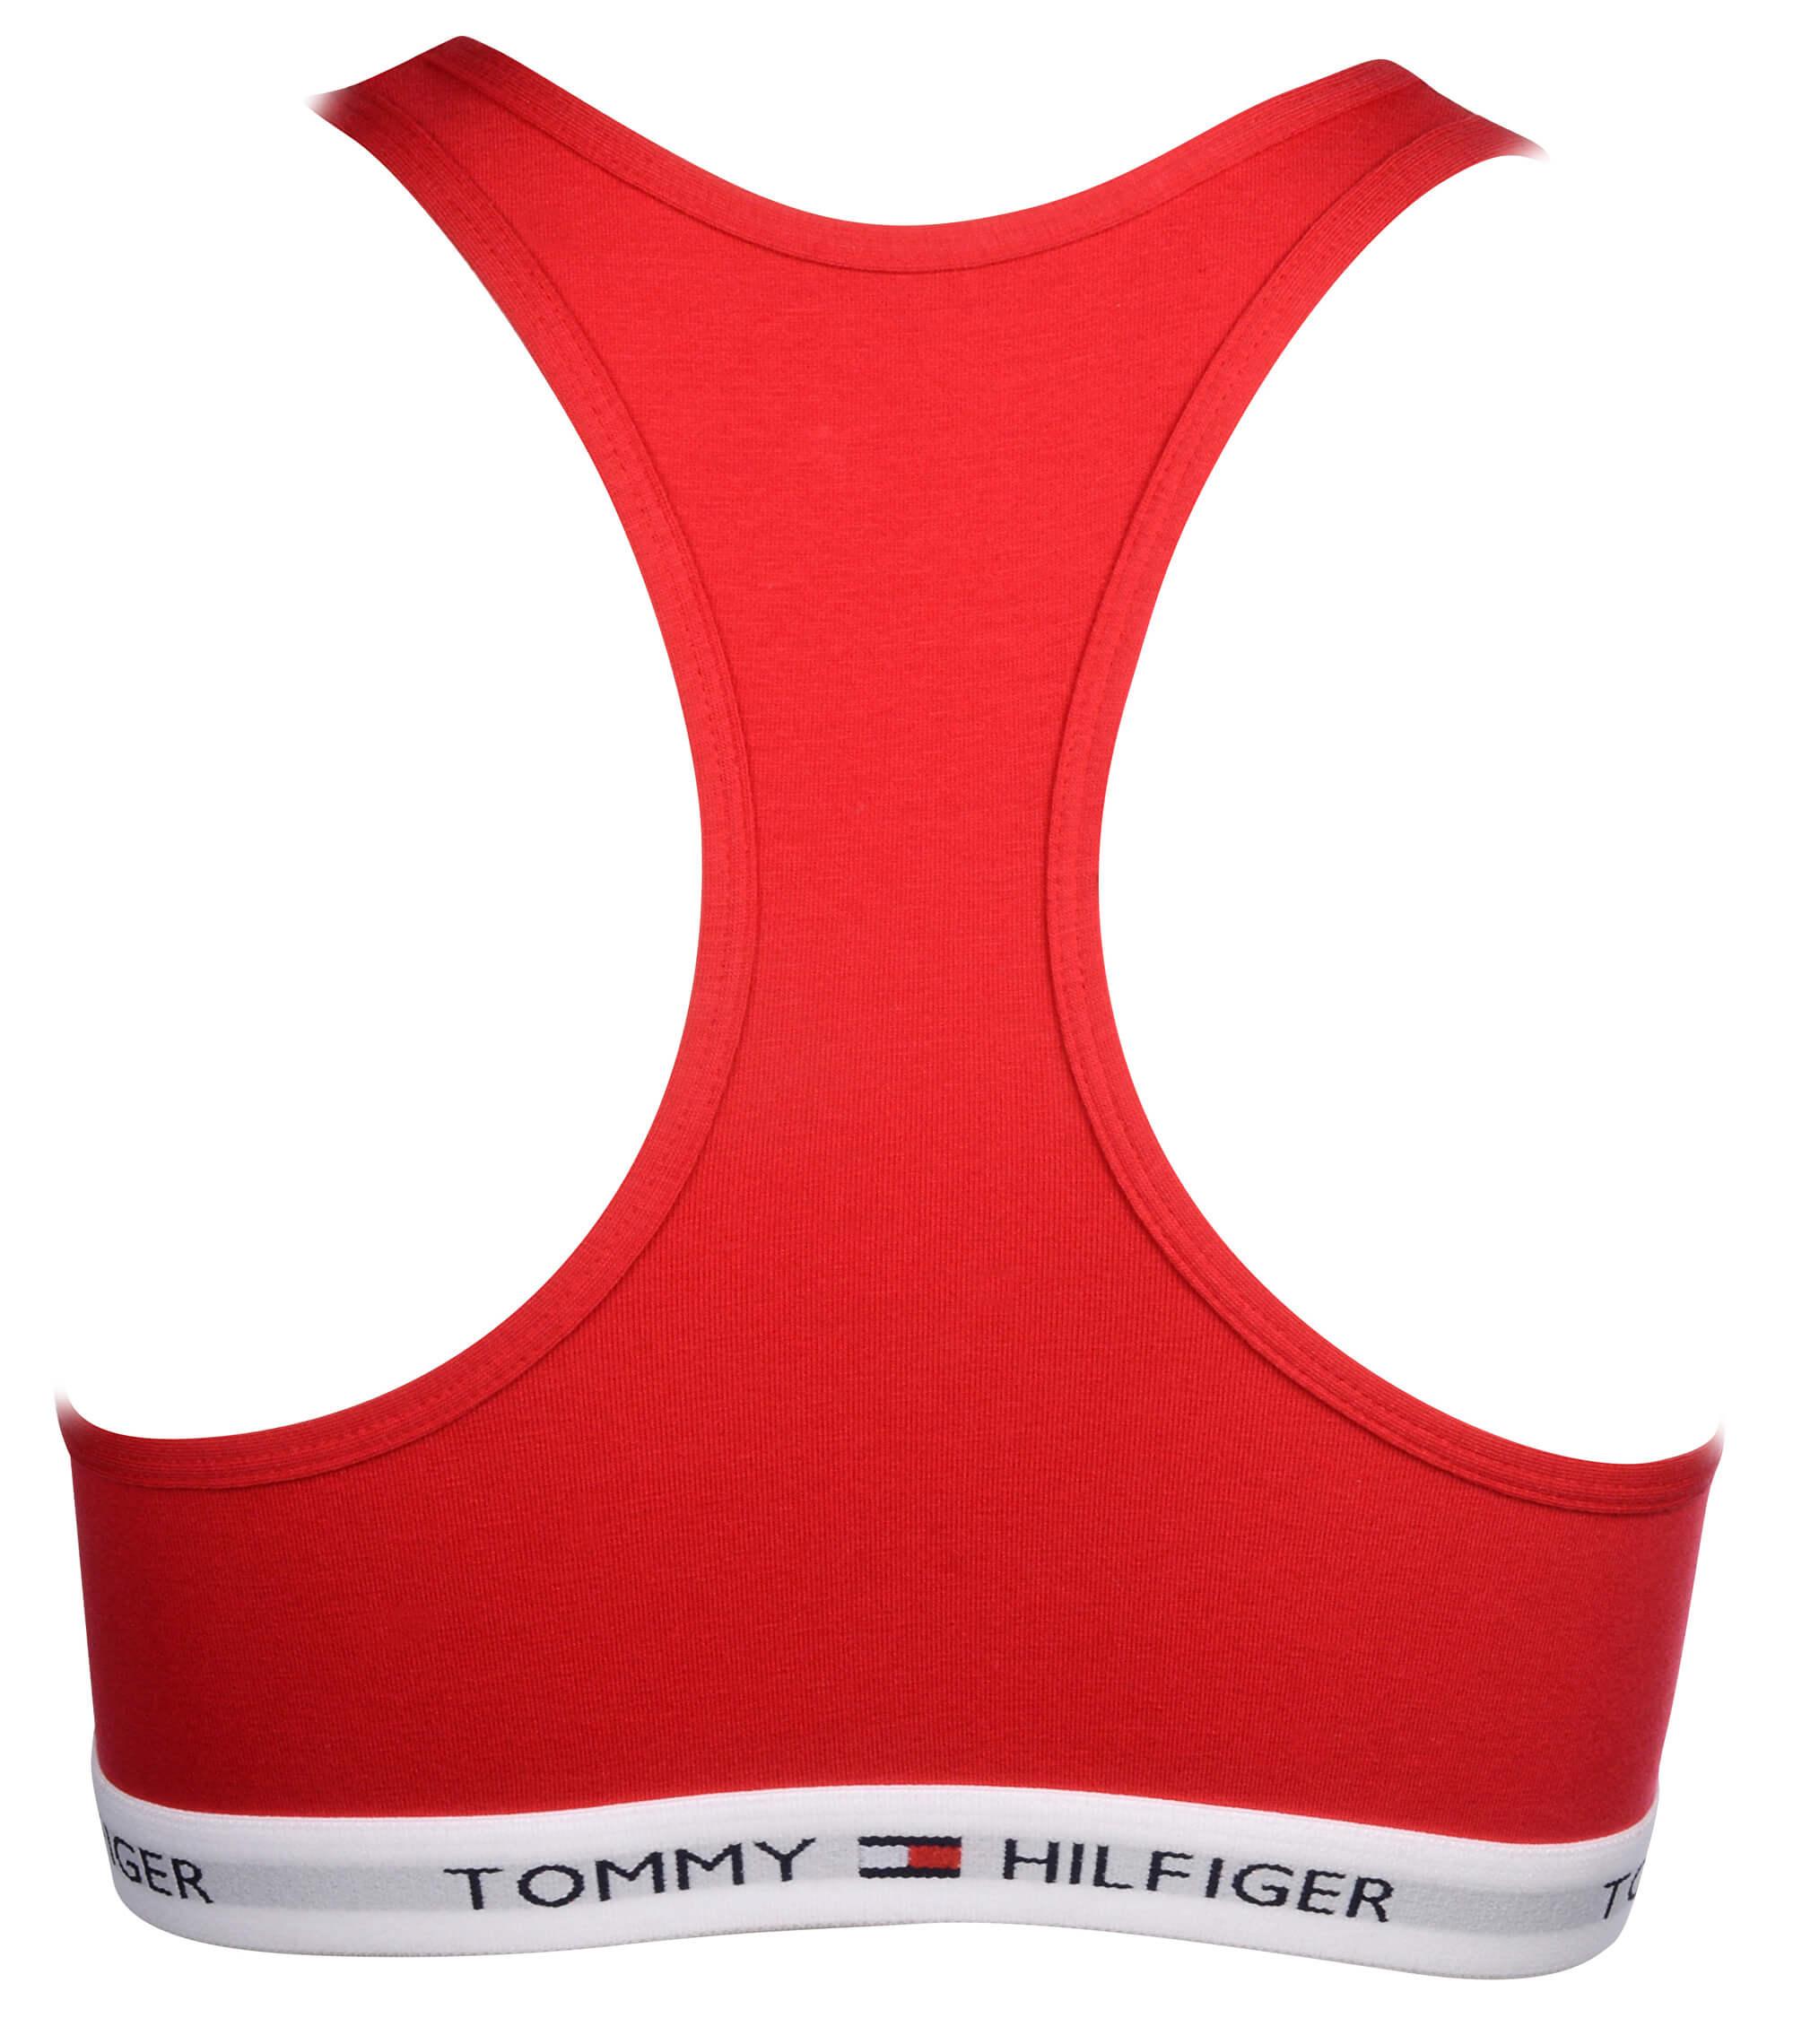 6da3c2f56 Tommy Hilfiger Dámská sportovní podprsenka Cotton Iconic Bralette  1387904878-631 Crimson. Předchozí <Další >